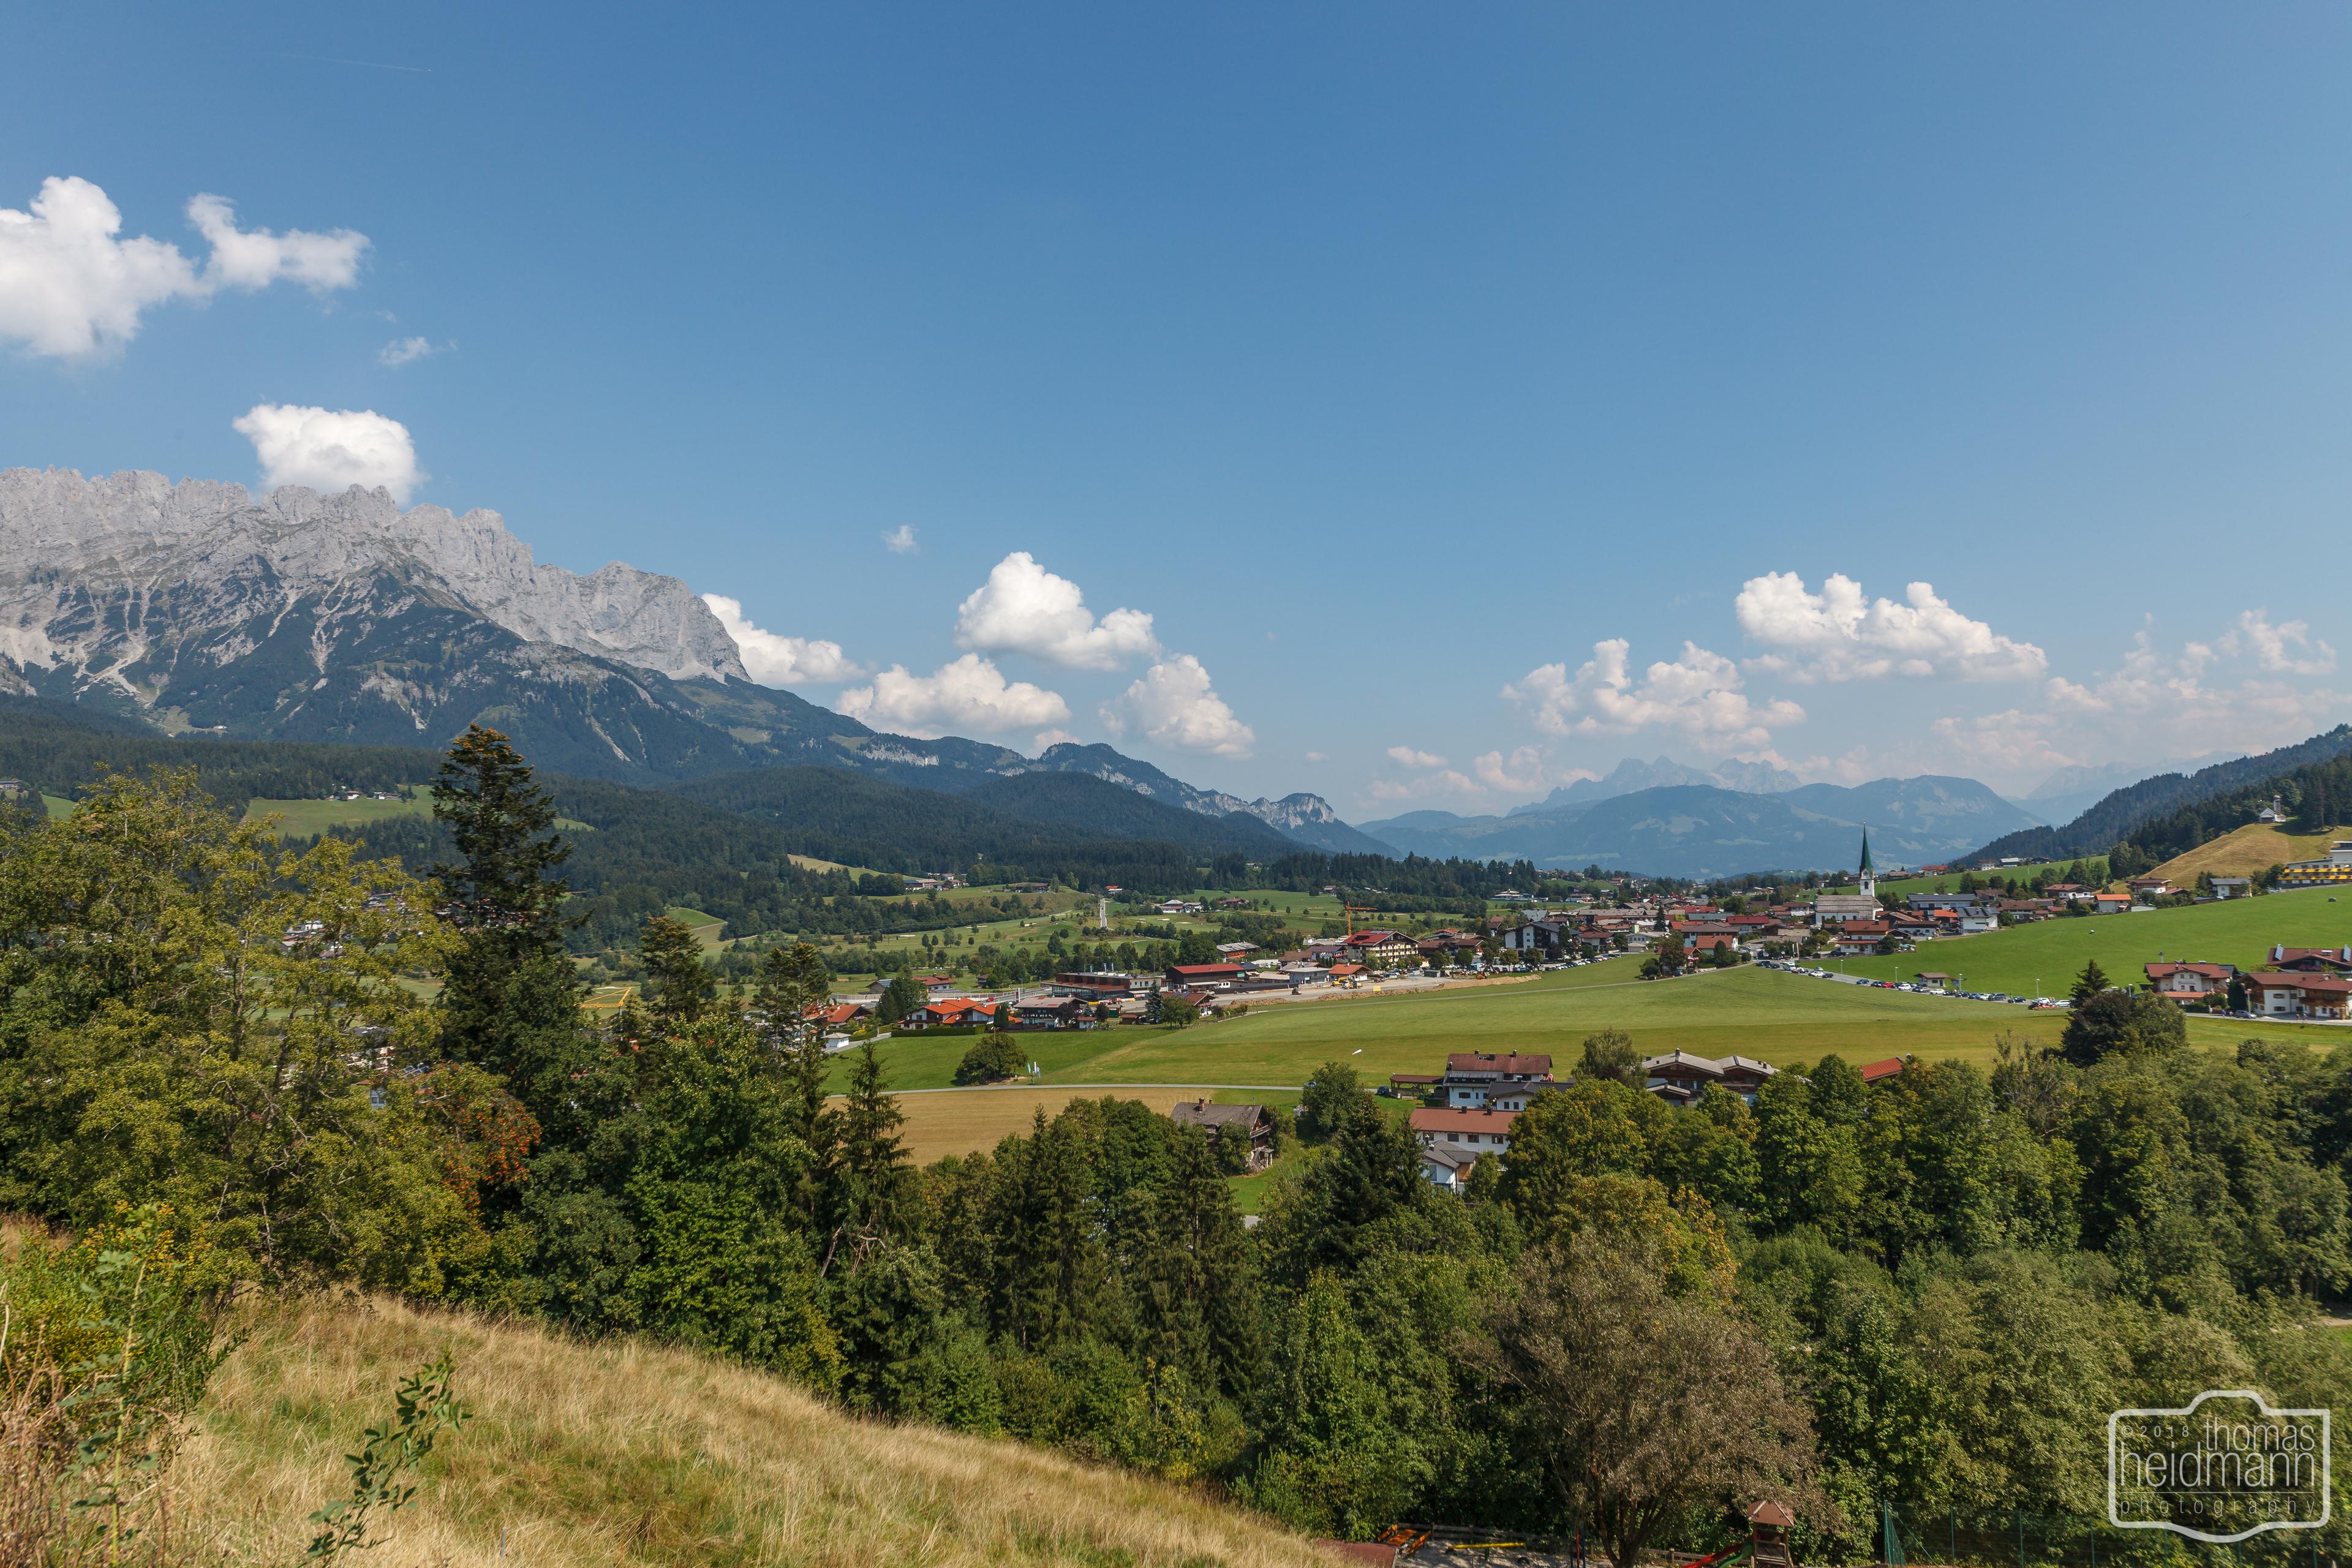 Radtour zum Bergdoktor in Söll, Ellmau und Going - Blick auf Ellmau